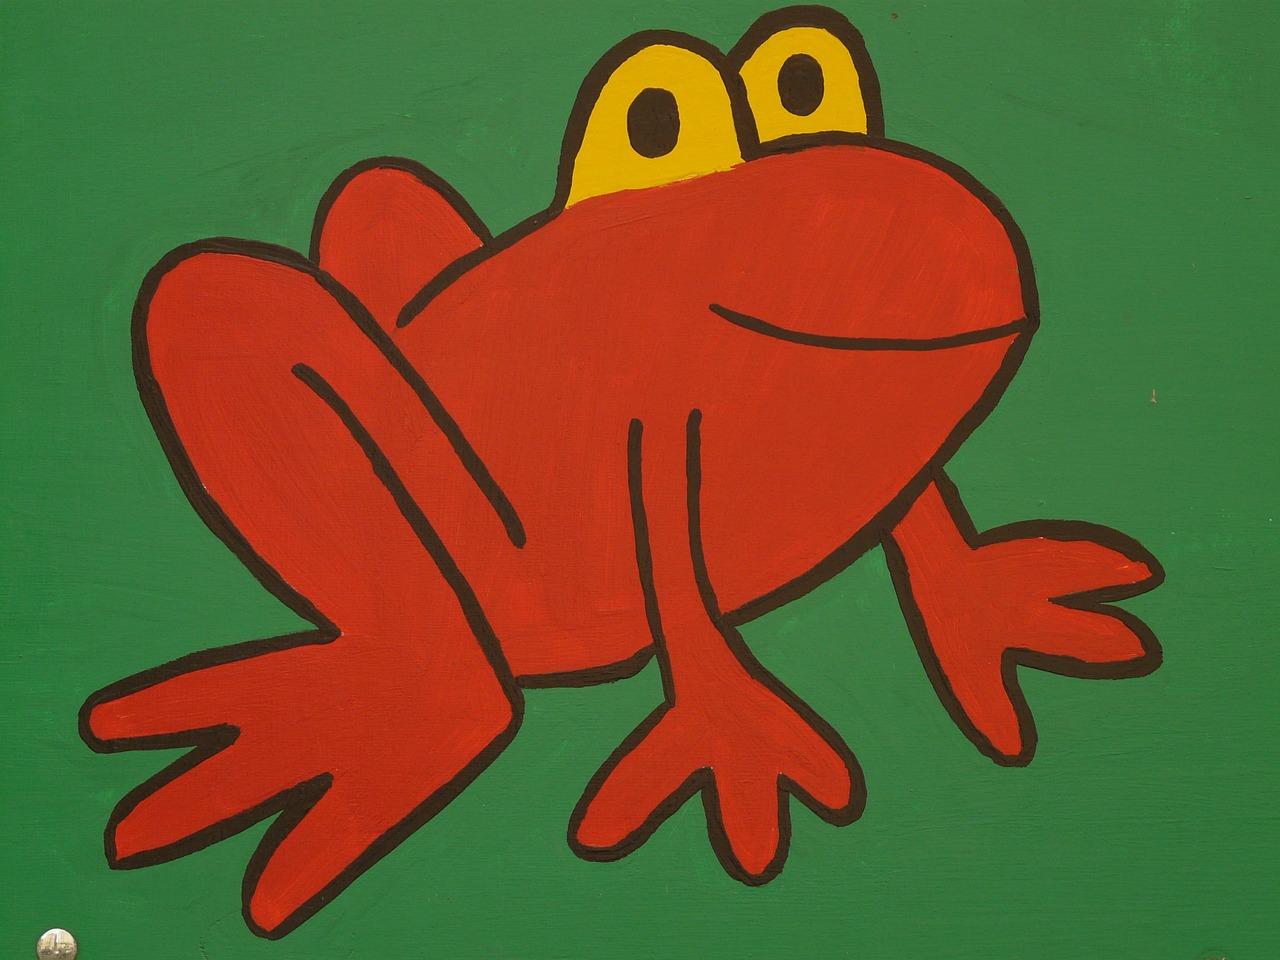 カエル跳びレース なのです